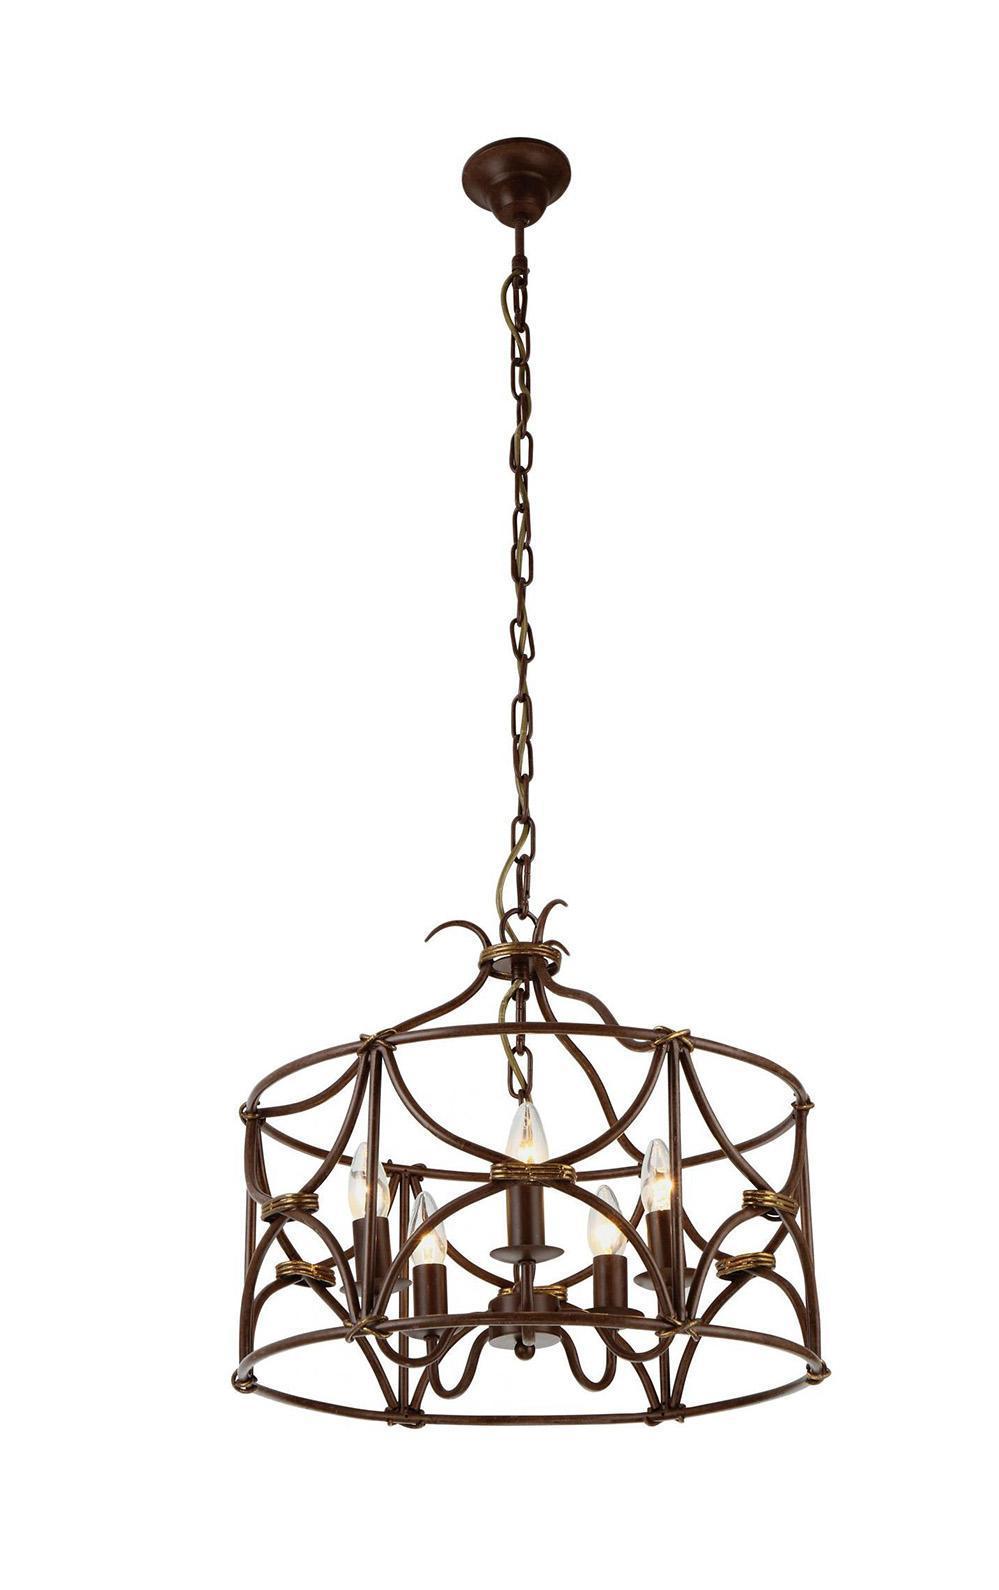 Светильник подвесной Arte lamp A8959sp-5br a8959sp 5br bellator подвес